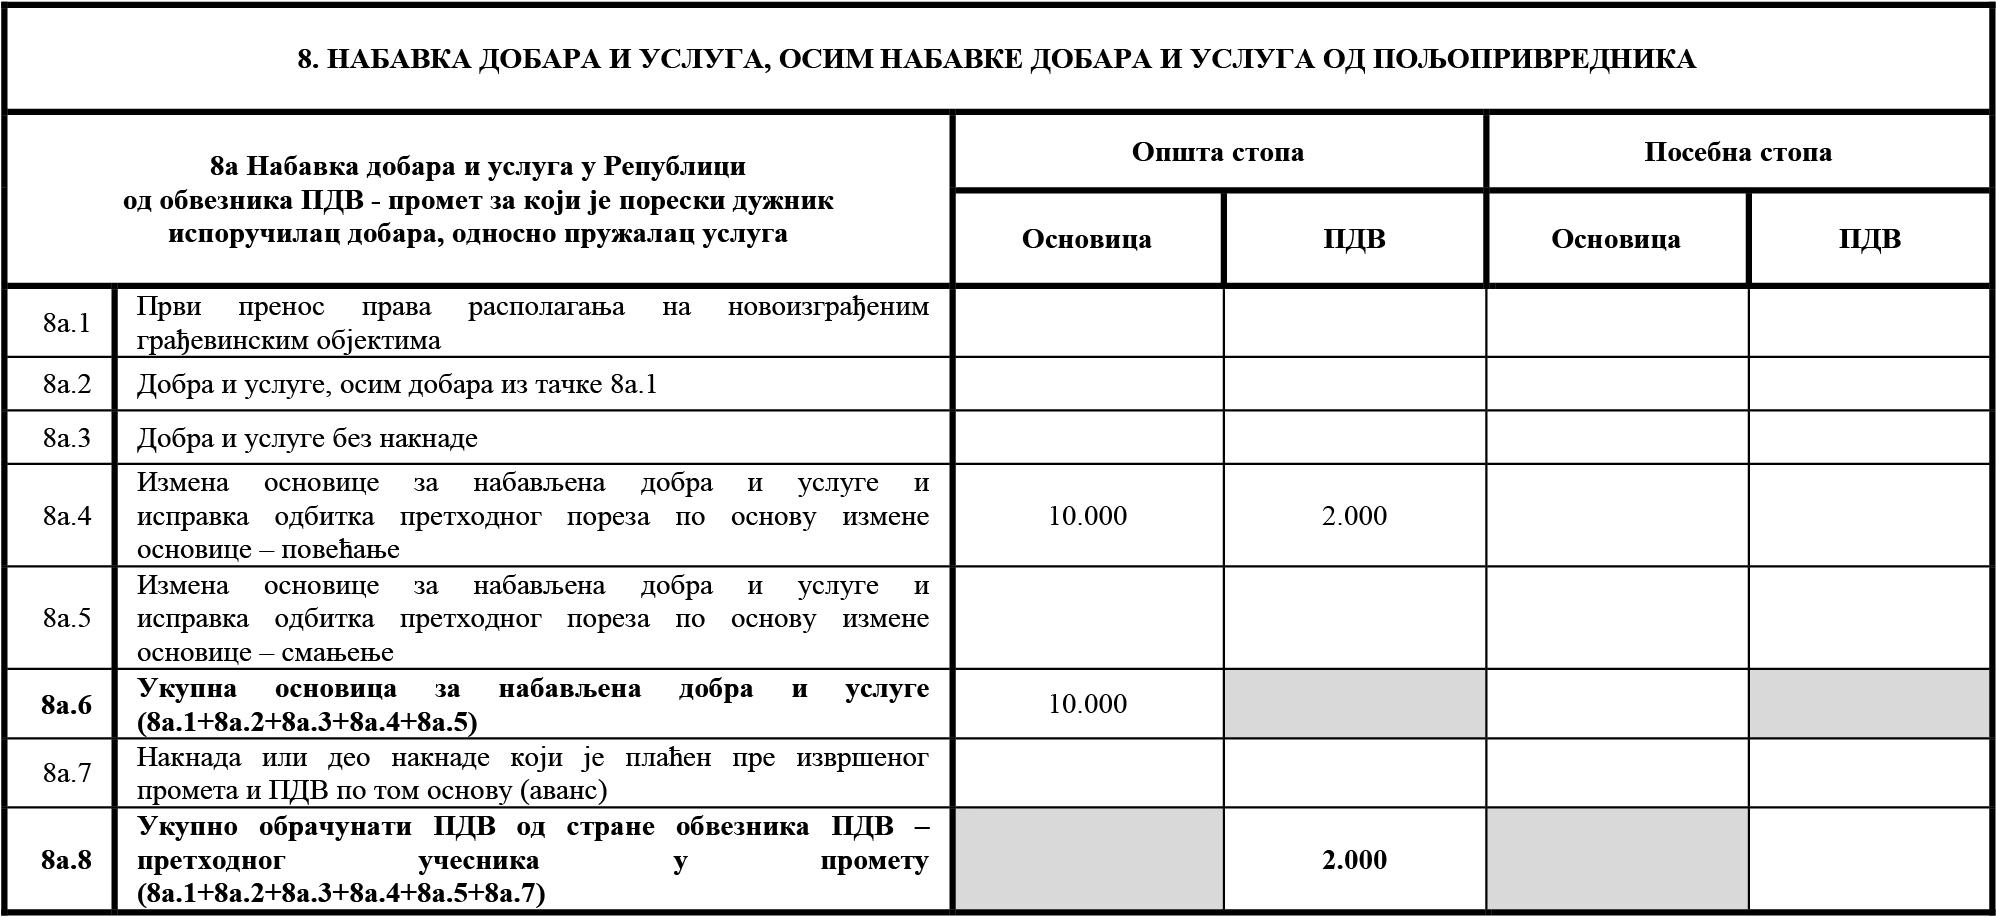 uputstvo PU obrazac POPDV primer 90